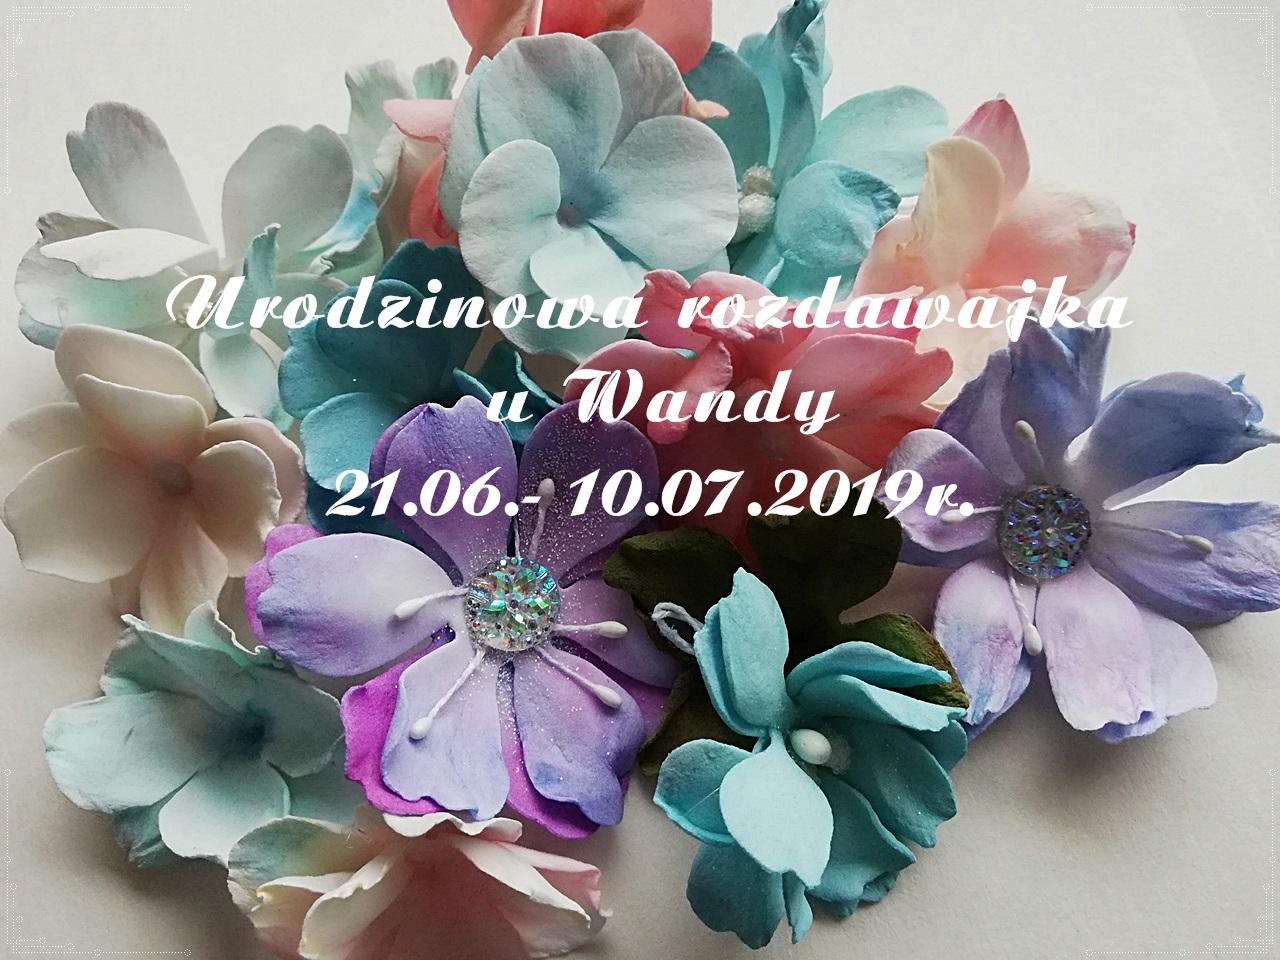 Urodzinowa rozdawajka u Wandy do 10.07